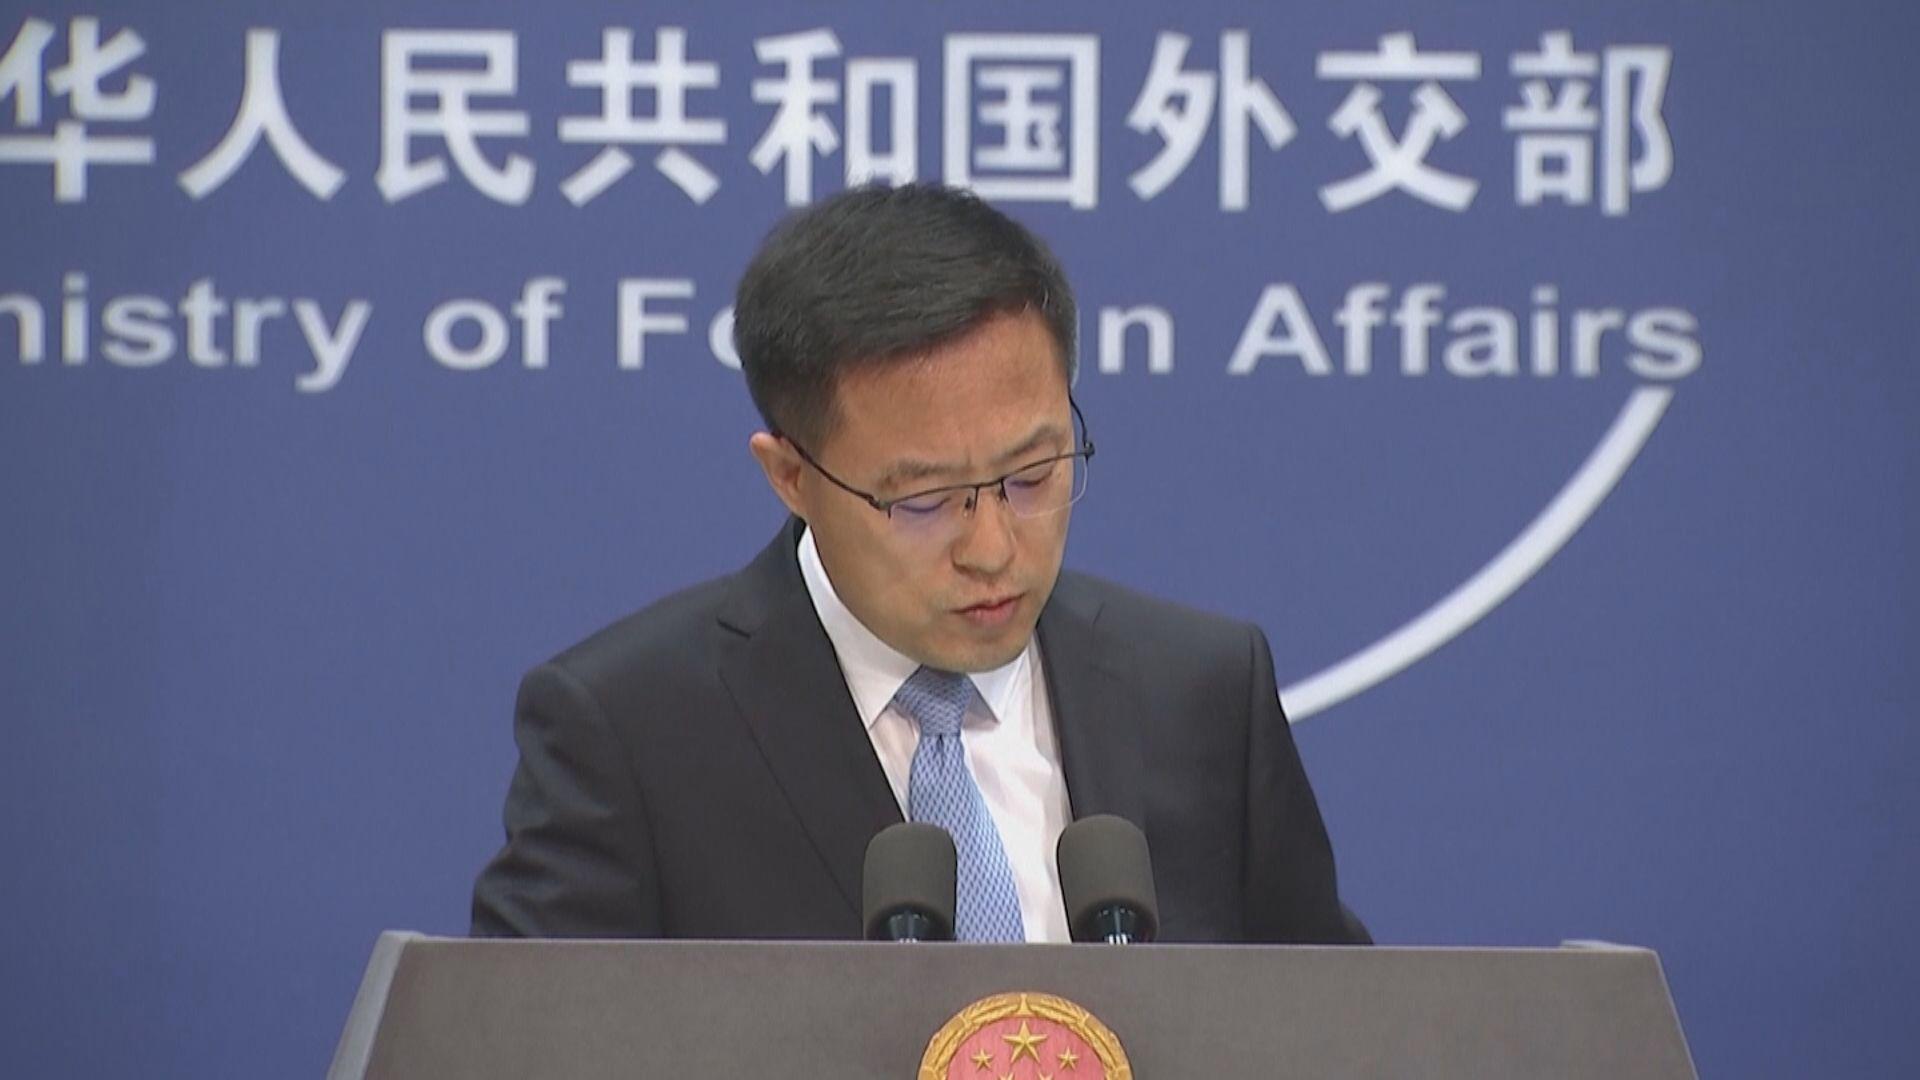 外交部:《中英聯合聲明》與英方有關權利義務已履行完畢